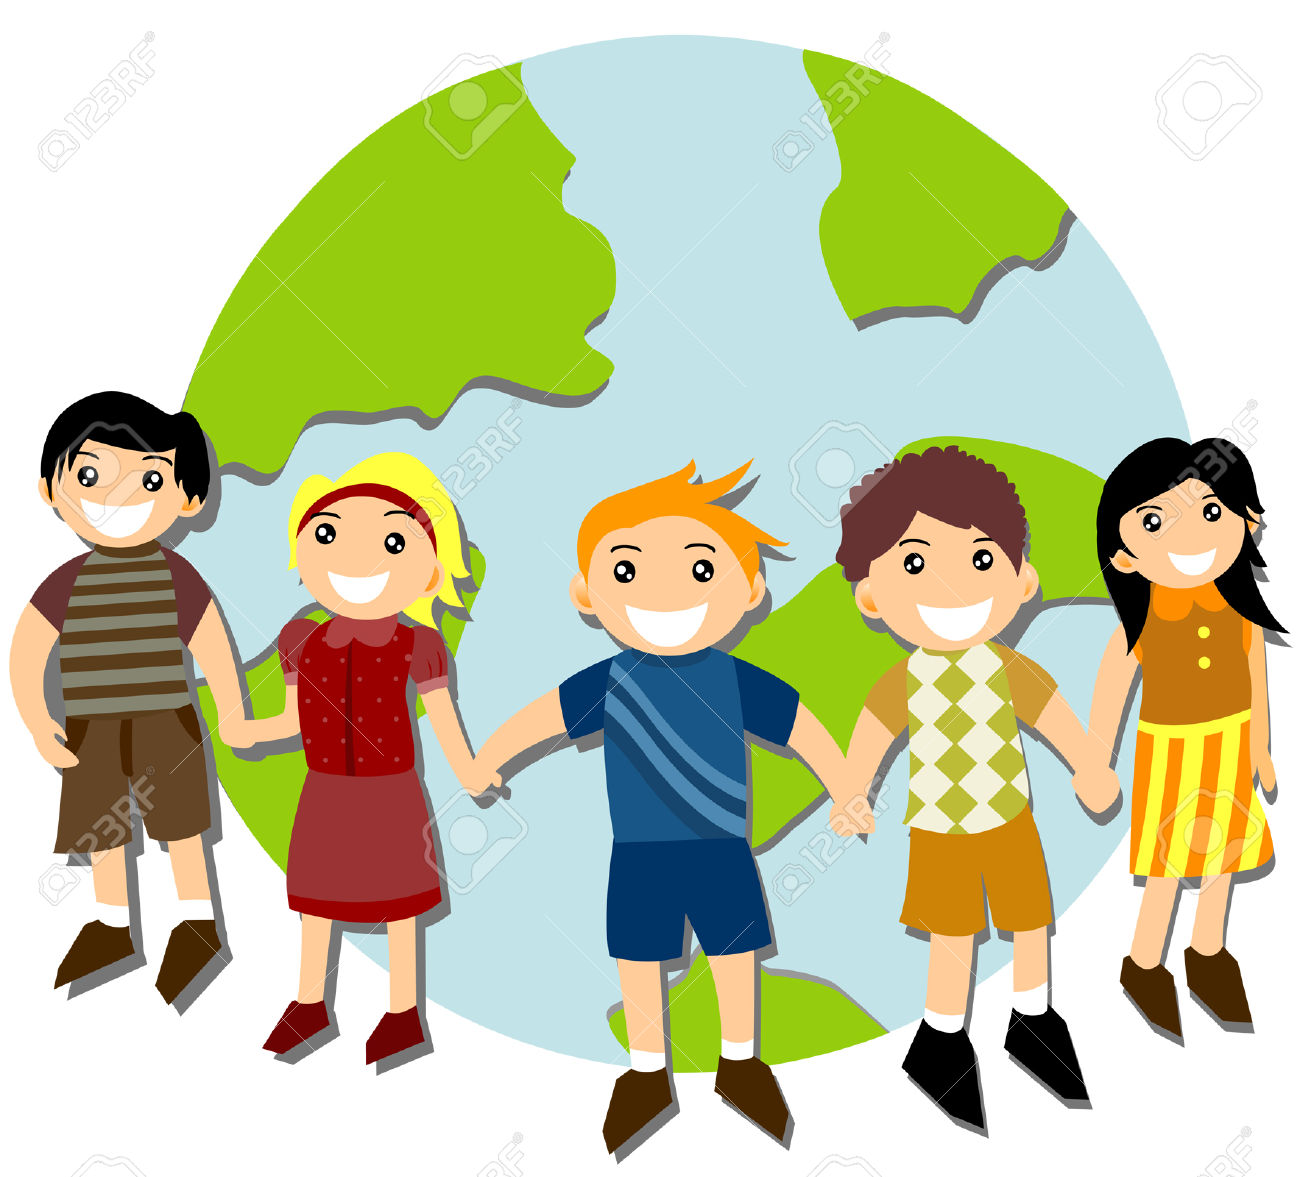 Kinder Rund Um Die Welt Lizenzfrei Nutzbare Vektorgrafiken, Clip.